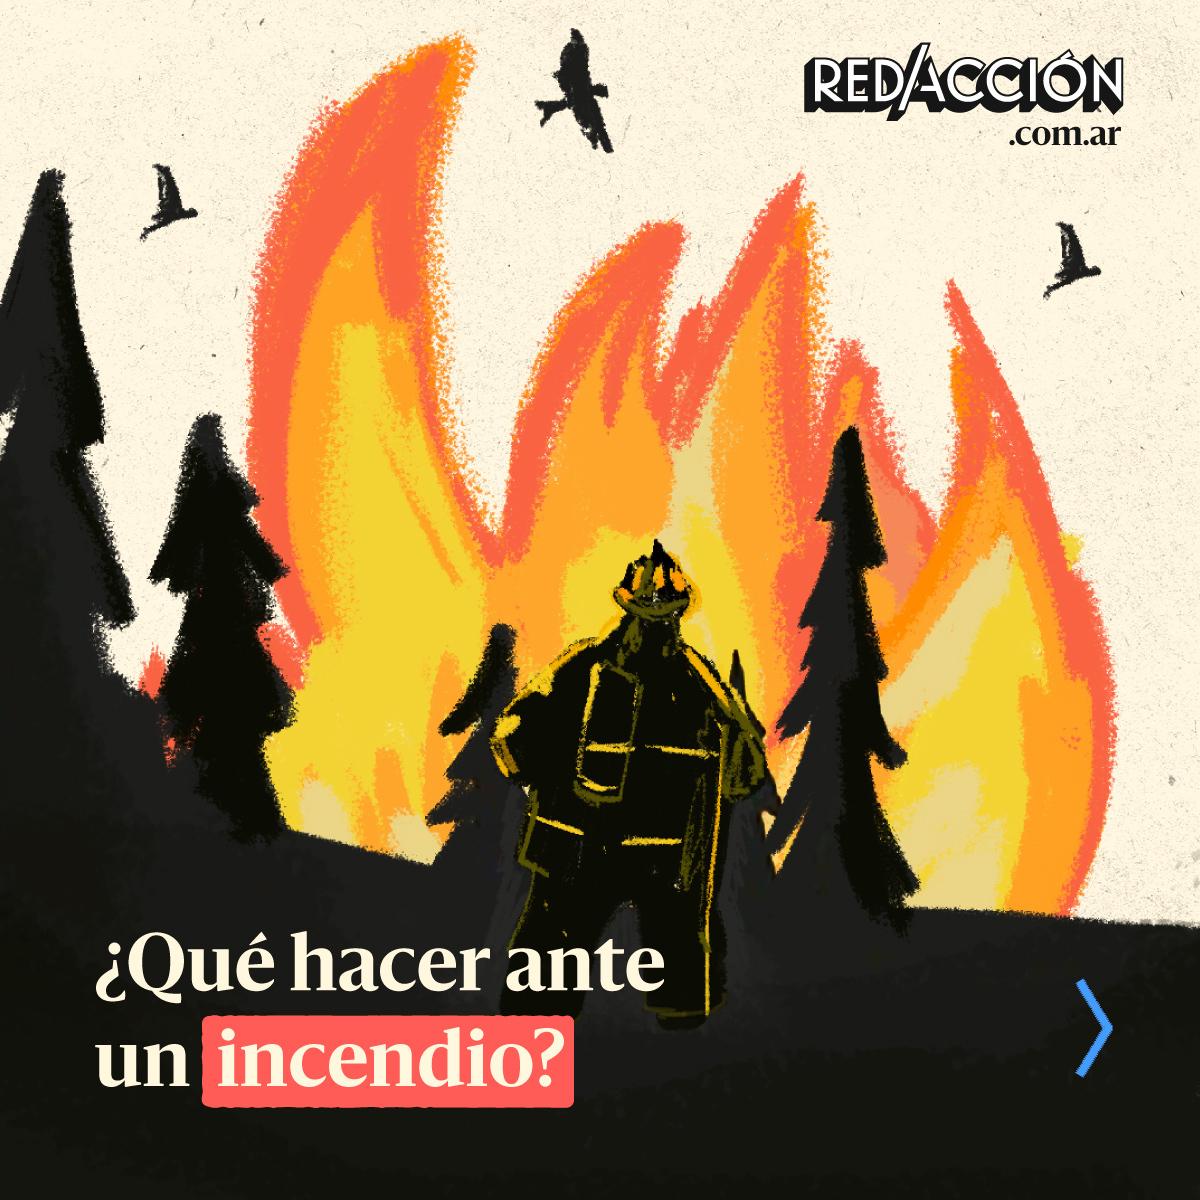 ¿Cómo prevenir y actuar ante una situación de incendio forestal?